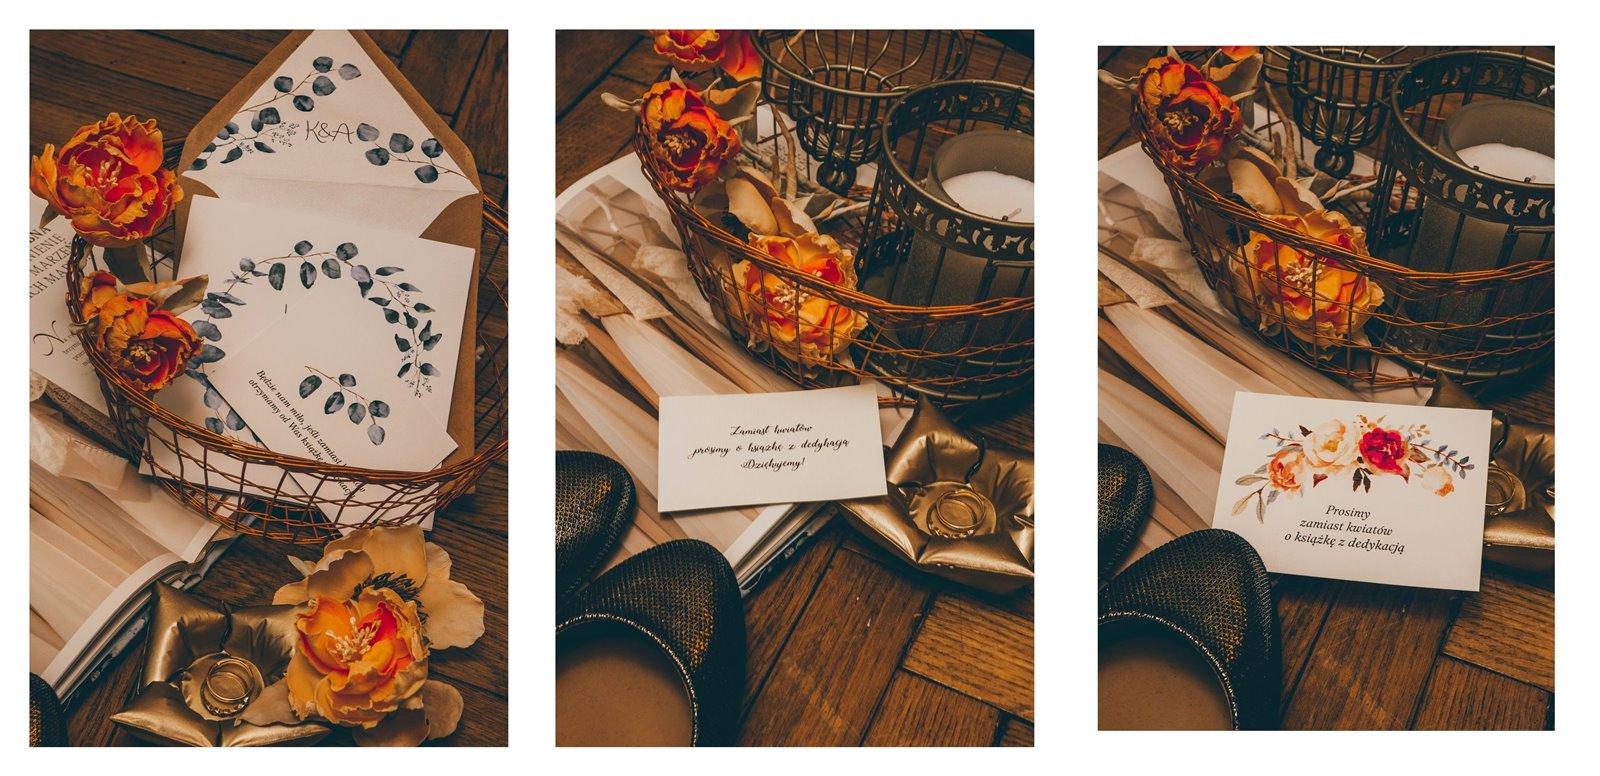 6 wierszyki prośba o pieniądze o książkę wino od gości weselnych, jak poprosić gości o pieniące ślub co zamiast kwiatów trendy w papeterii 2018 2019 2020 2021 2022 2023 2024 ślub porady wesele kolory jak dobrać motyw